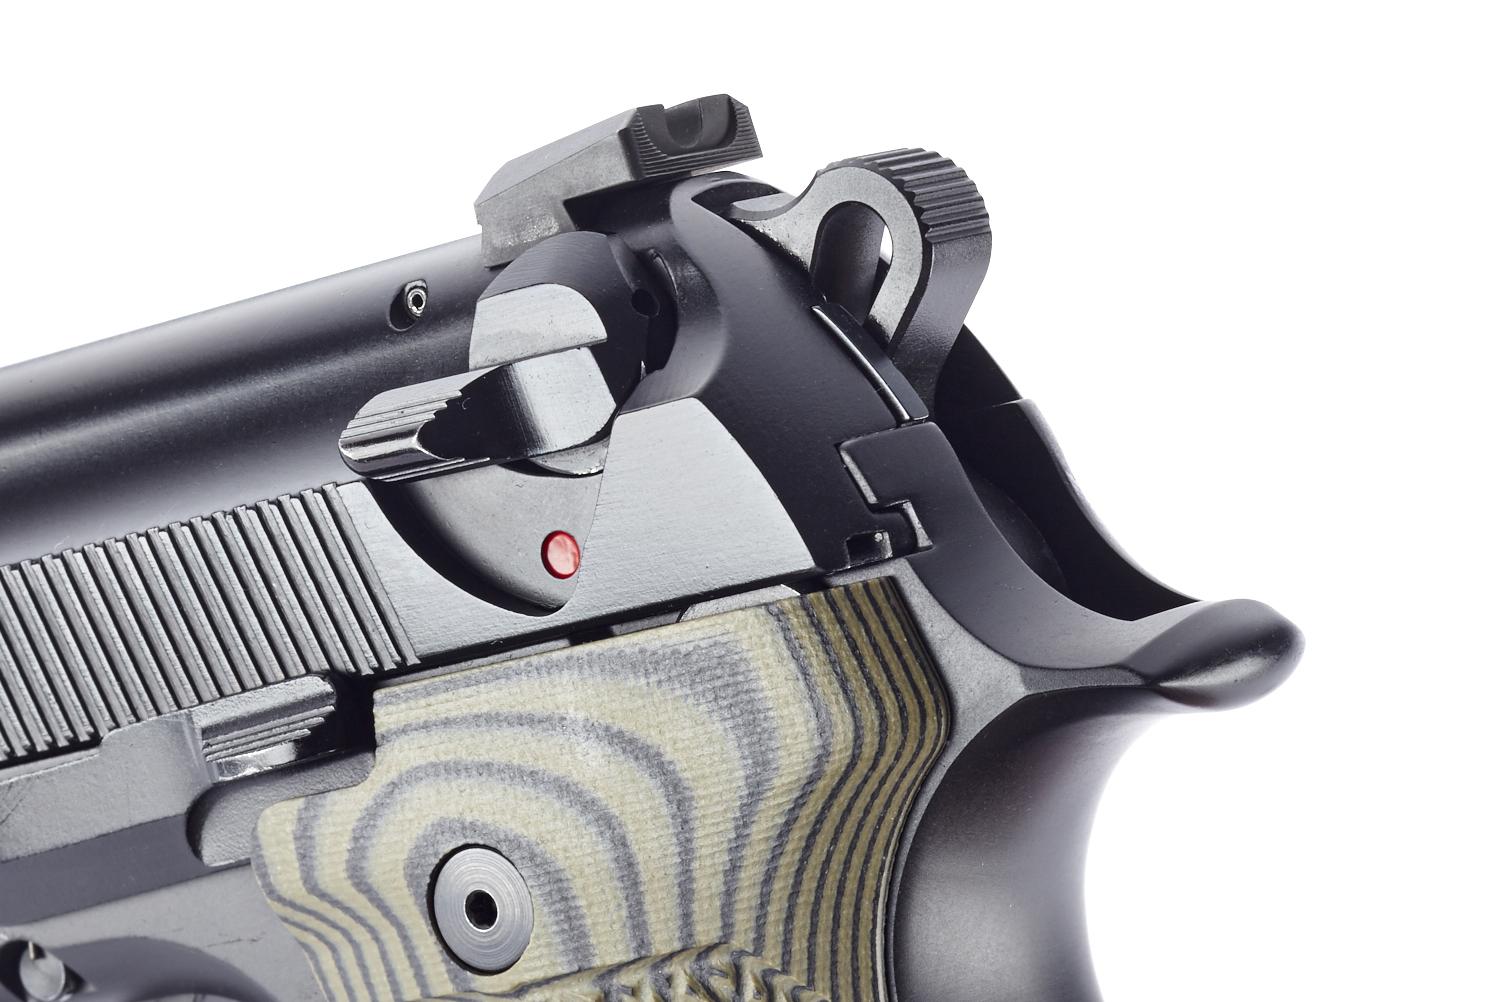 Beretta 92/96 Deluxe Hammer-https://shopwilsoncombat com/